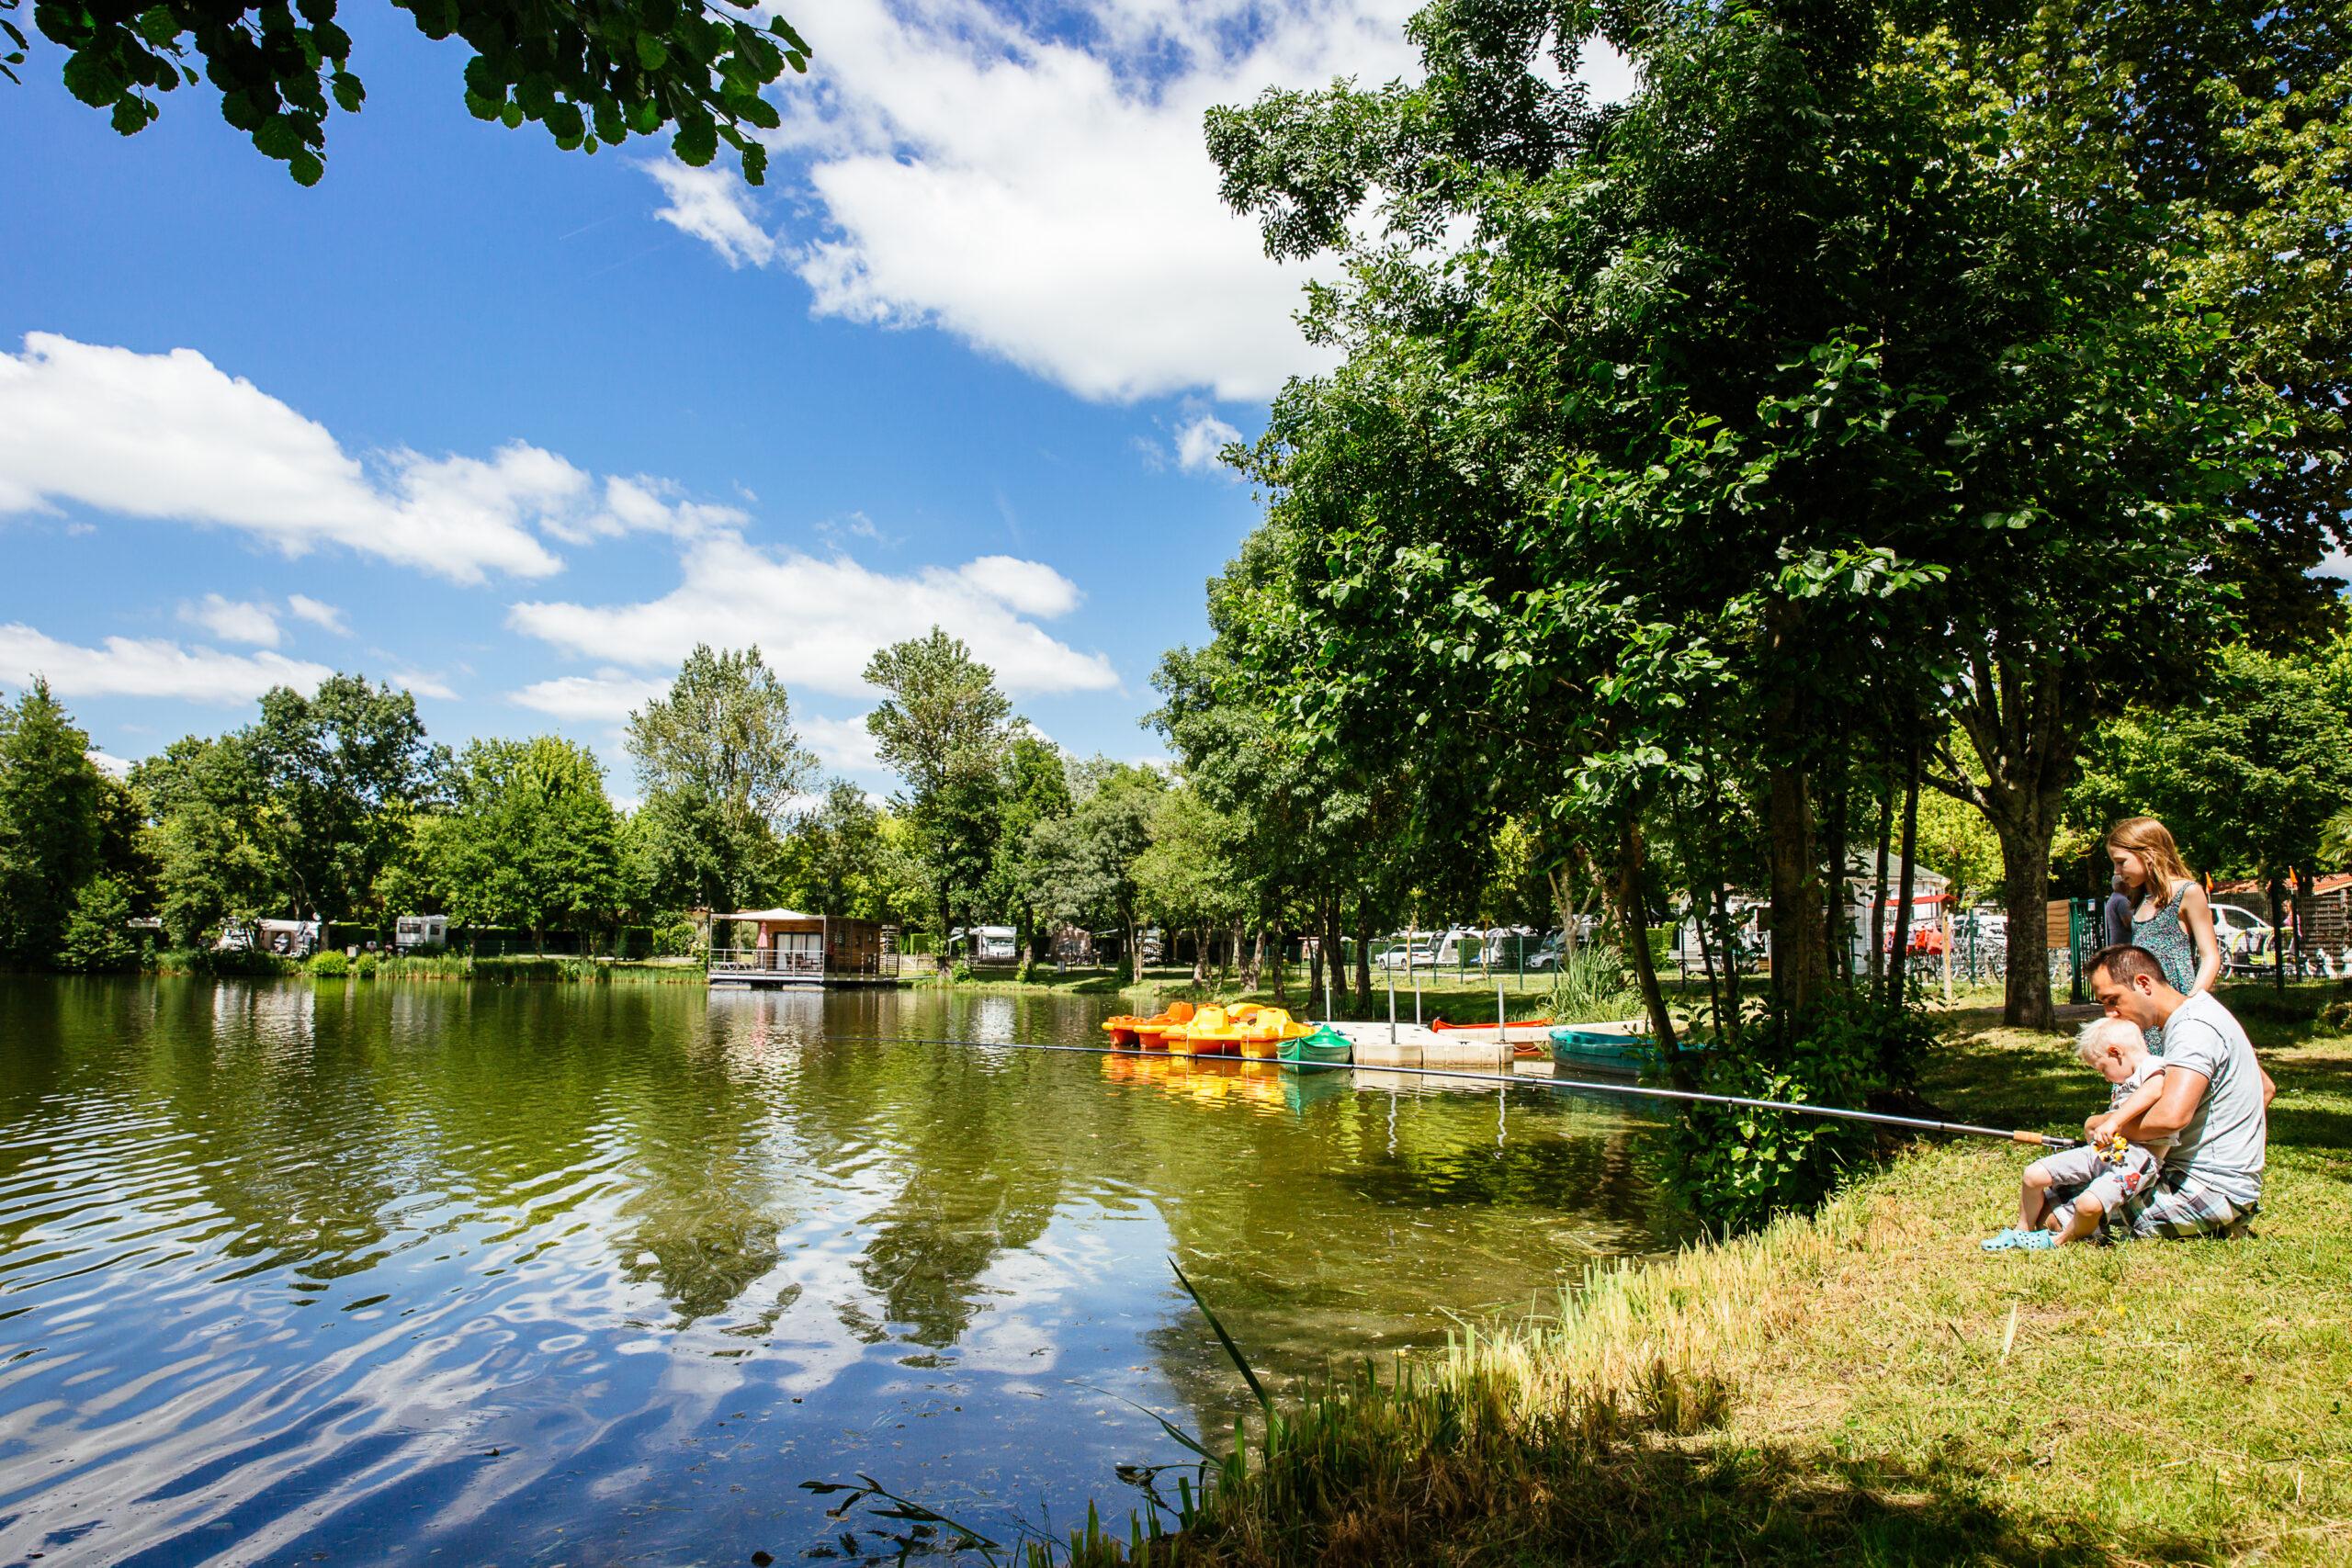 Yelloh saint EMilion - Lac de peche